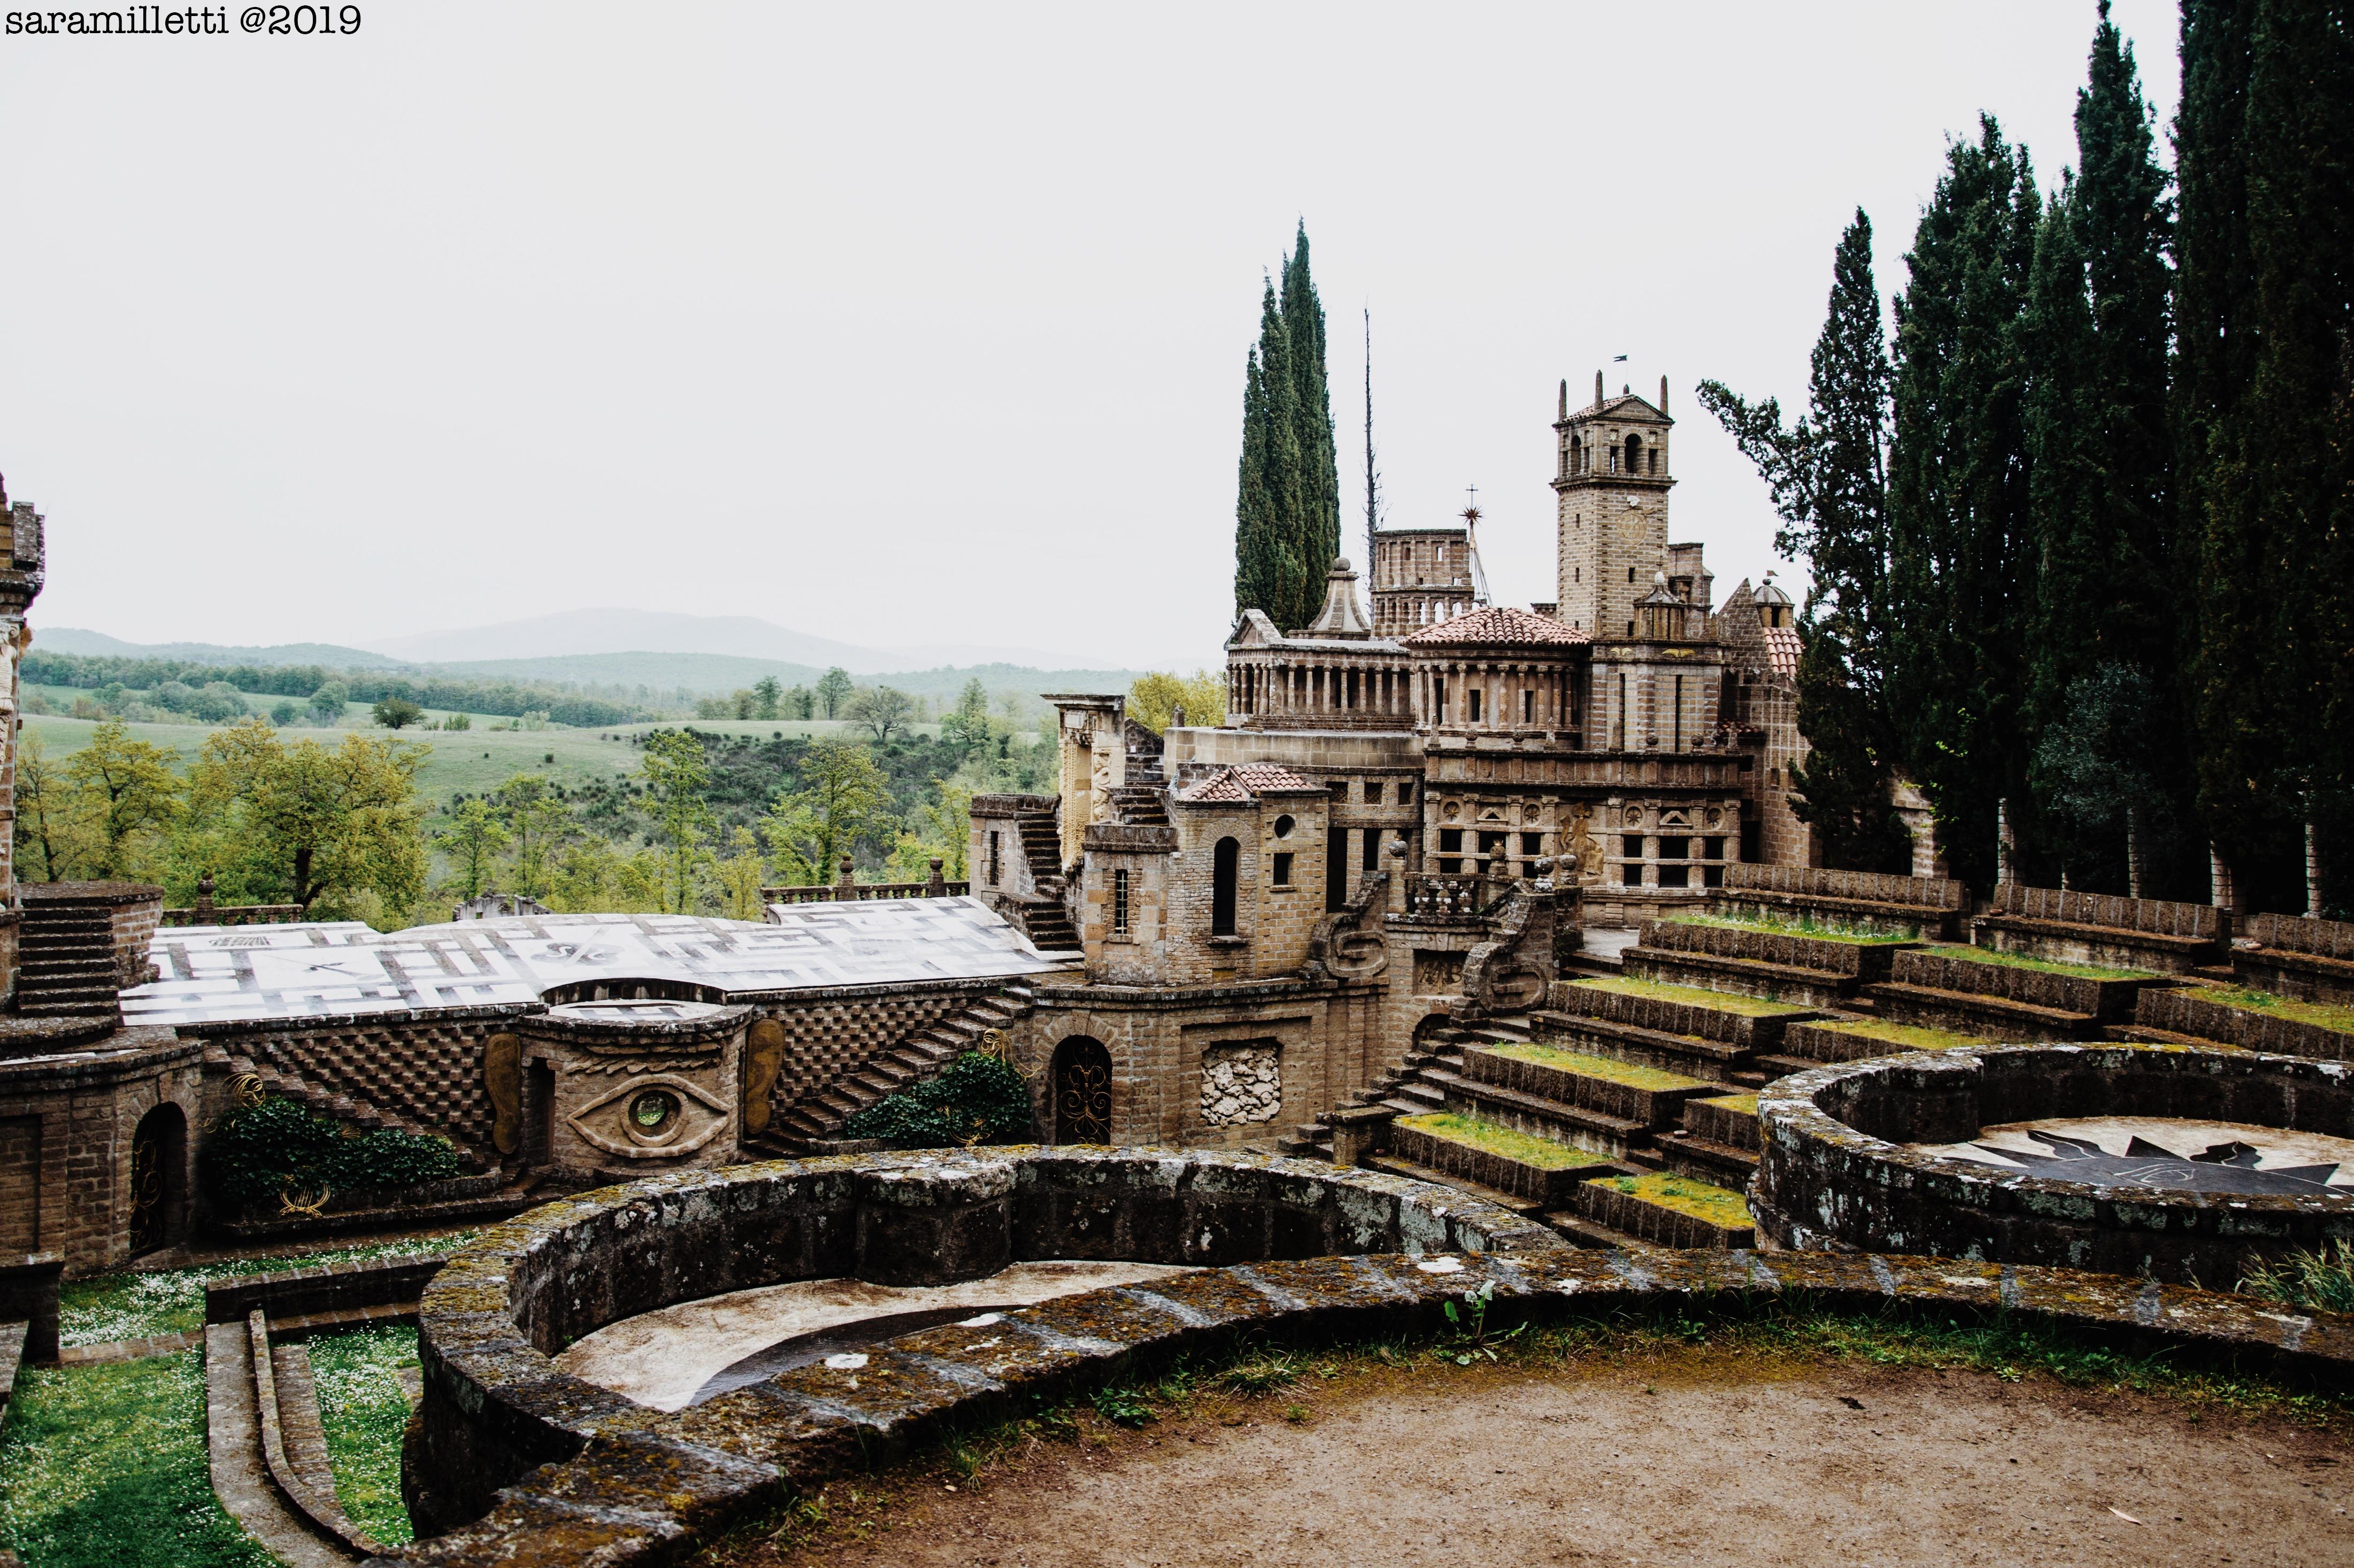 Biscotti Di Natale Umbria.3 Itinerari Per Un Weekend In Umbria Umbriabellascoperta L